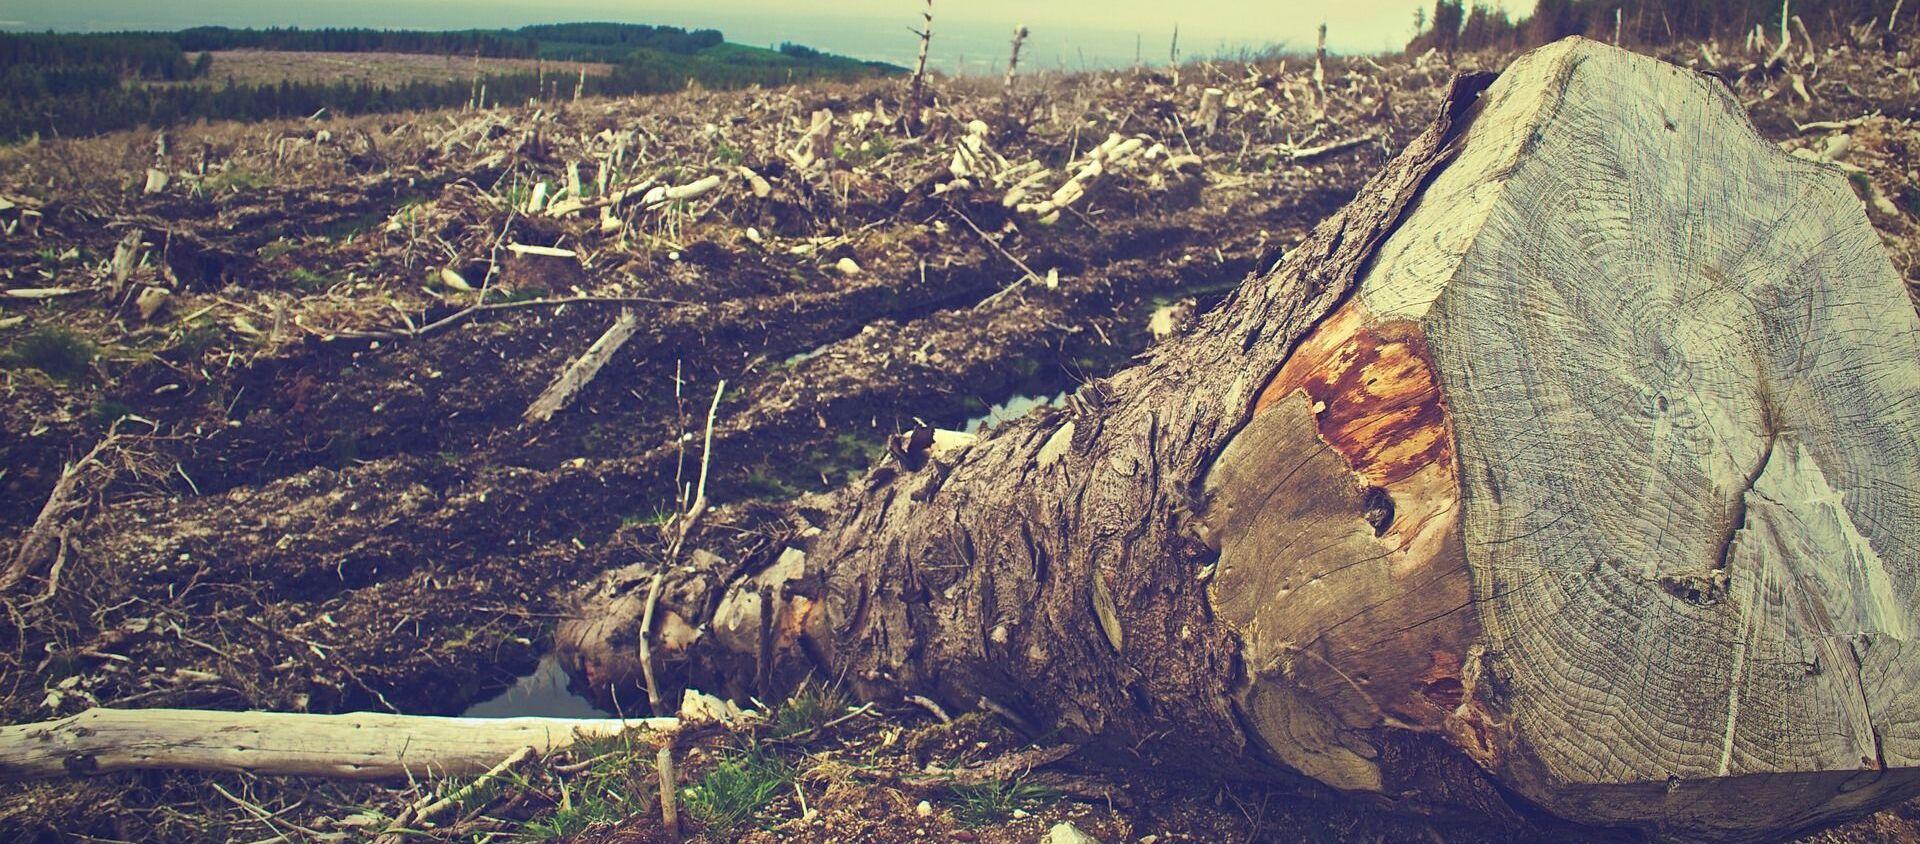 La deforestación (imagen referencial) - Sputnik Mundo, 1920, 20.11.2019